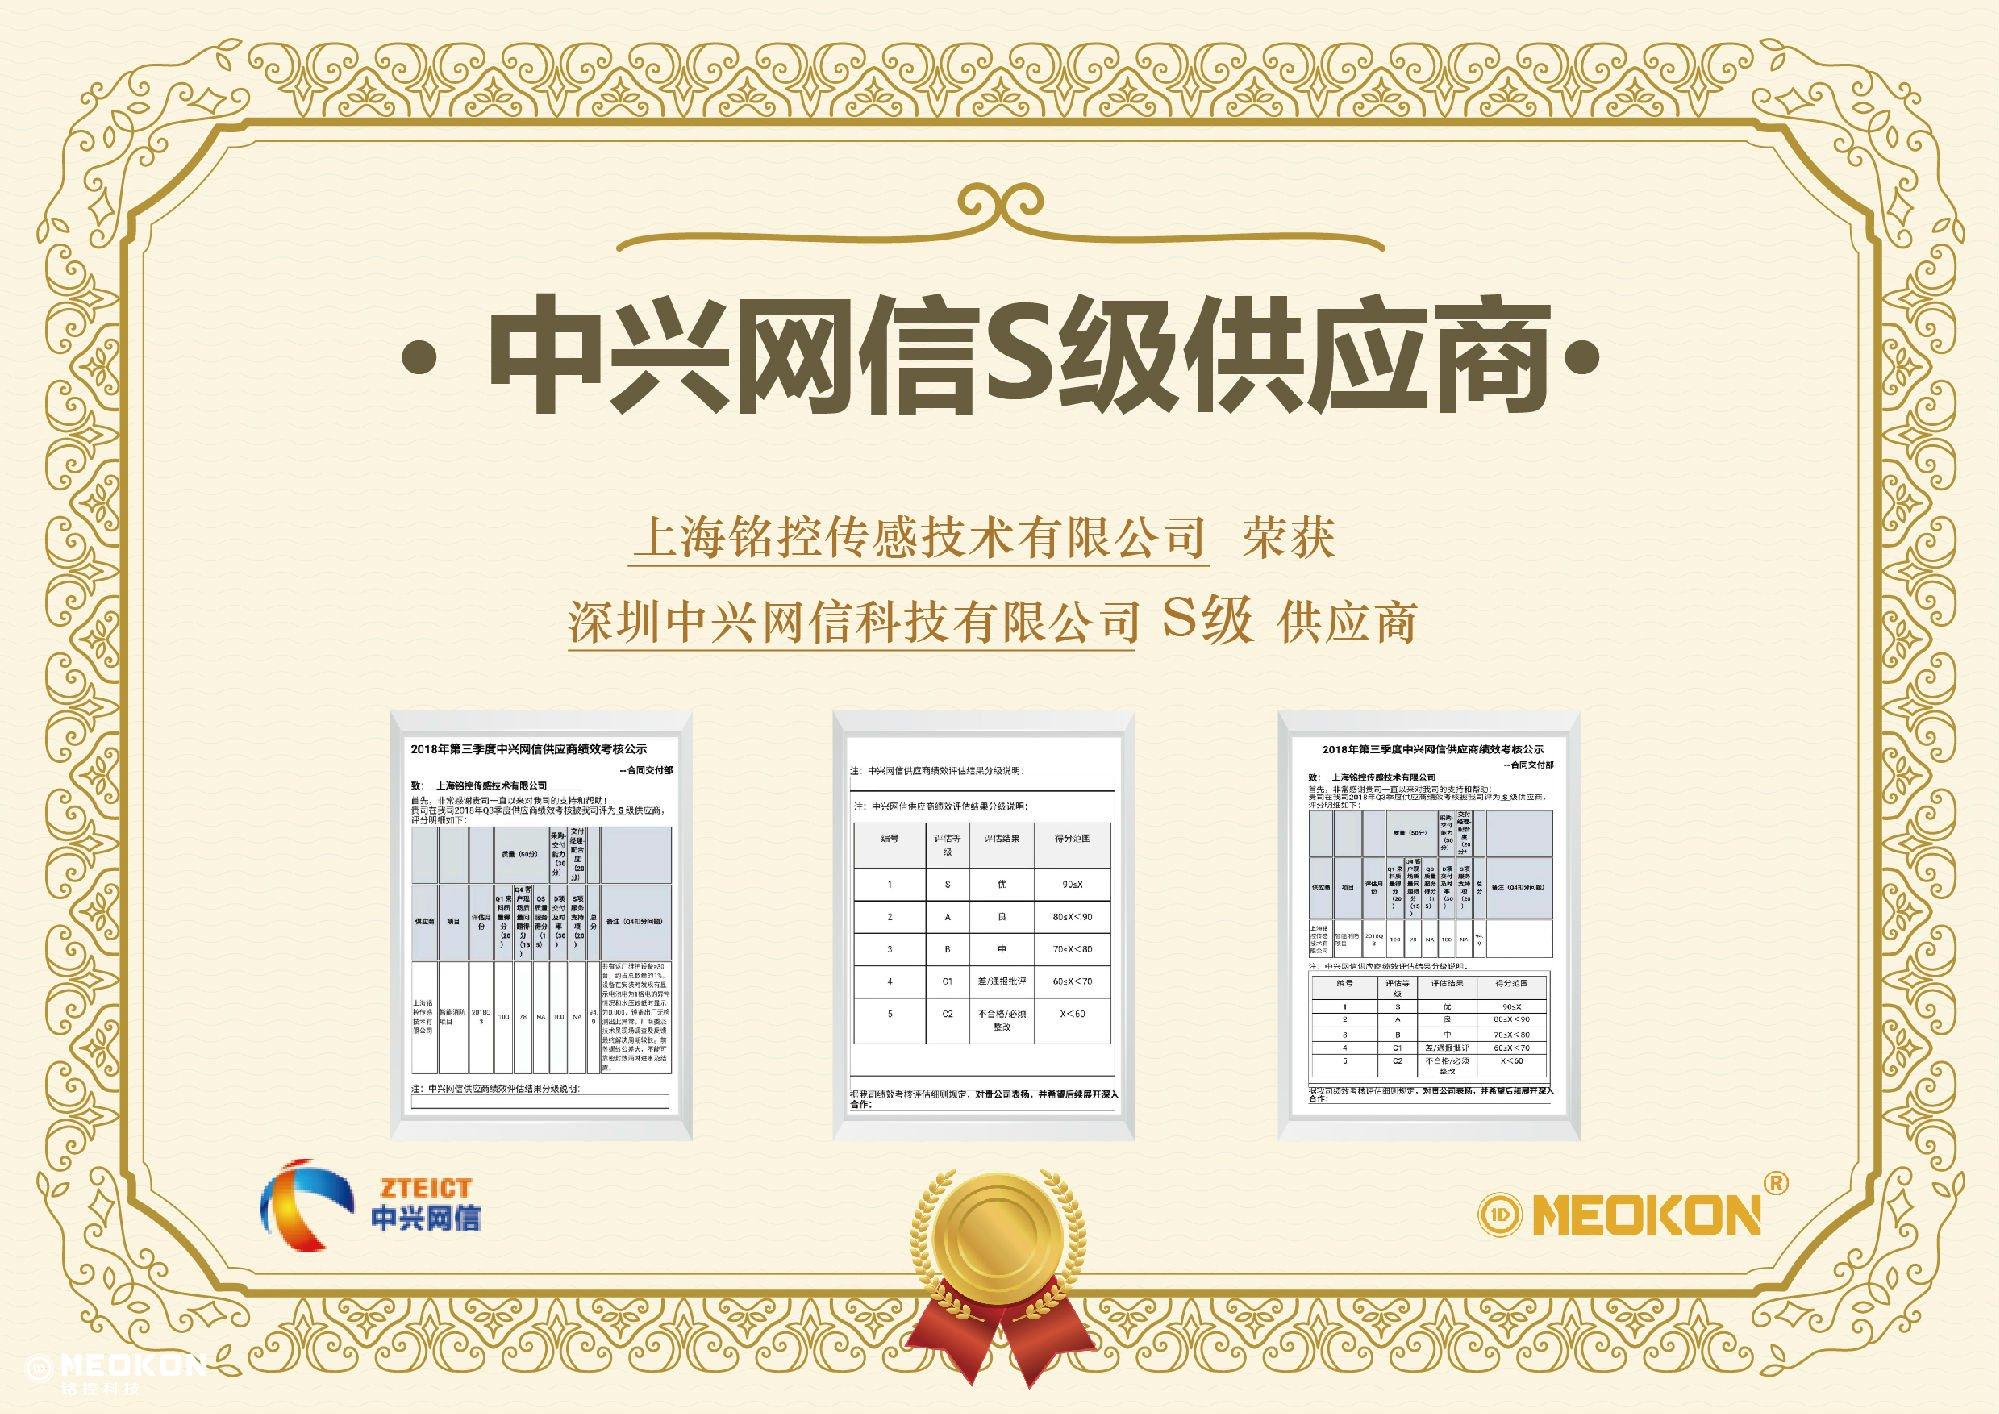 热烈祝贺我公司荣获中兴网信S级供应商称号!